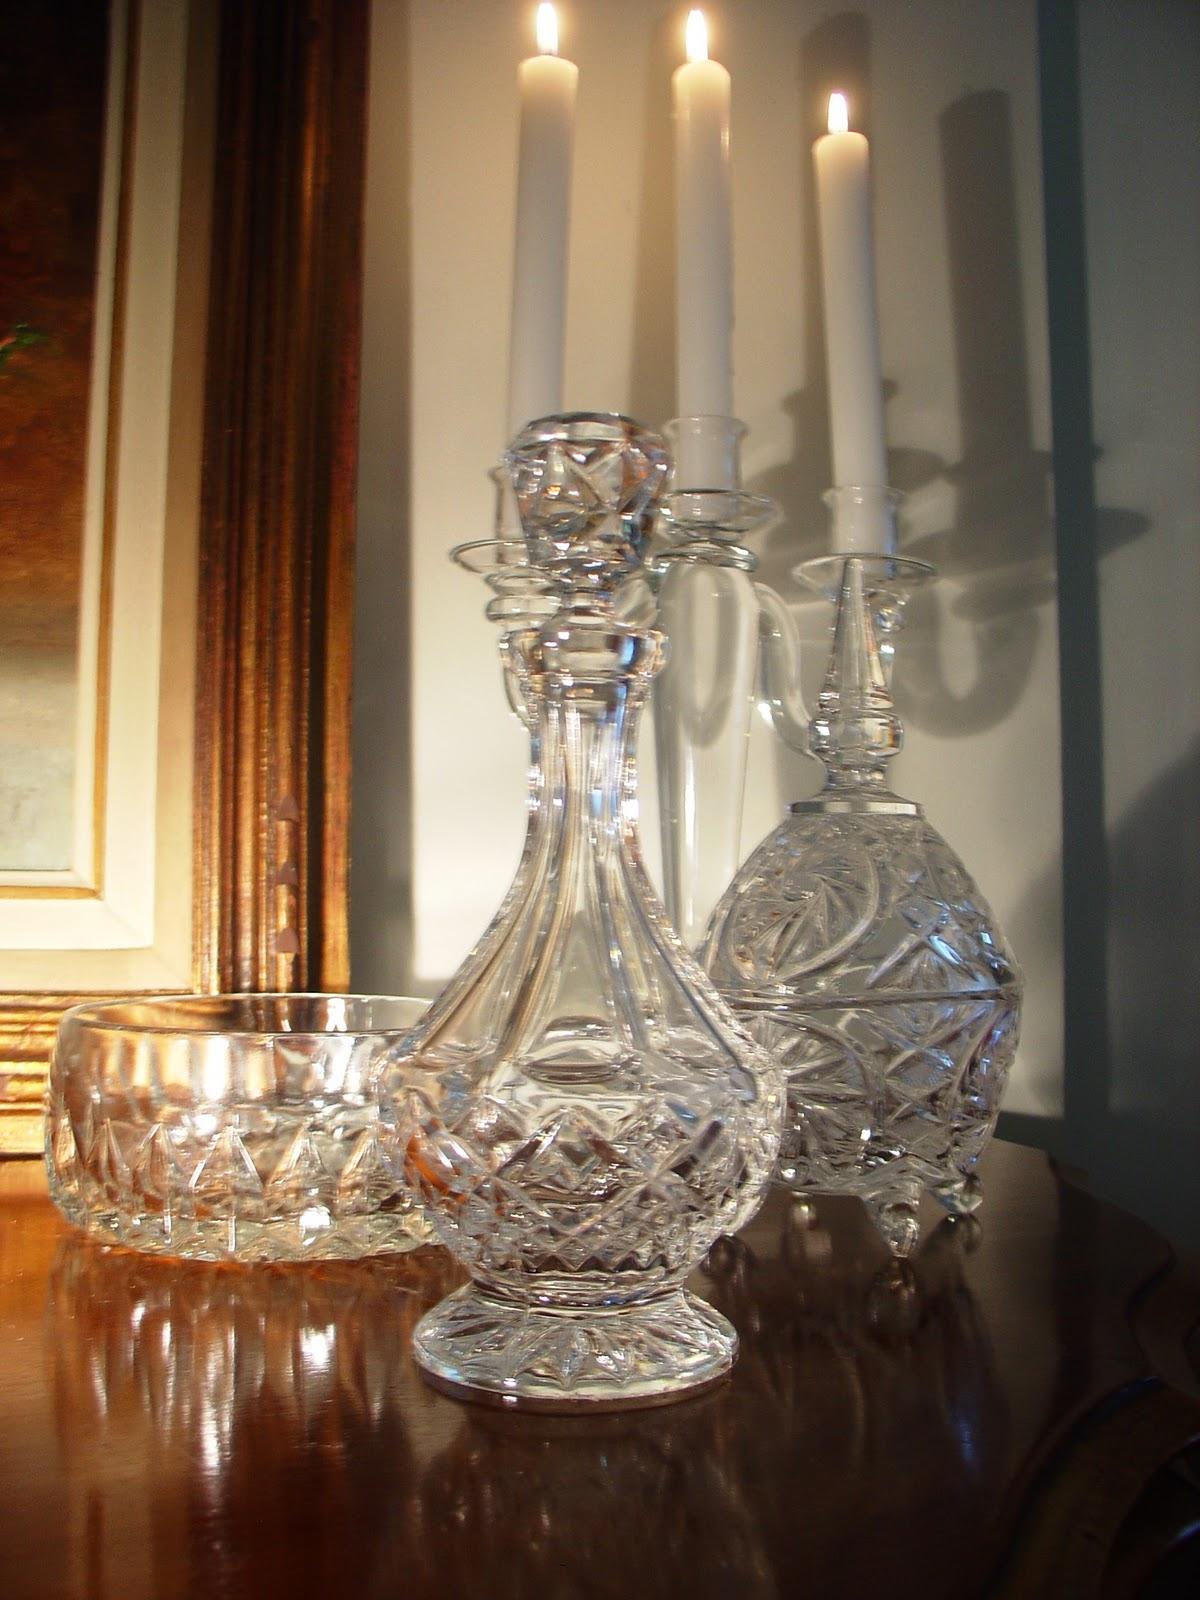 Designers e interiores agrupamento de objetos decorativos - Objetos decorativos ...